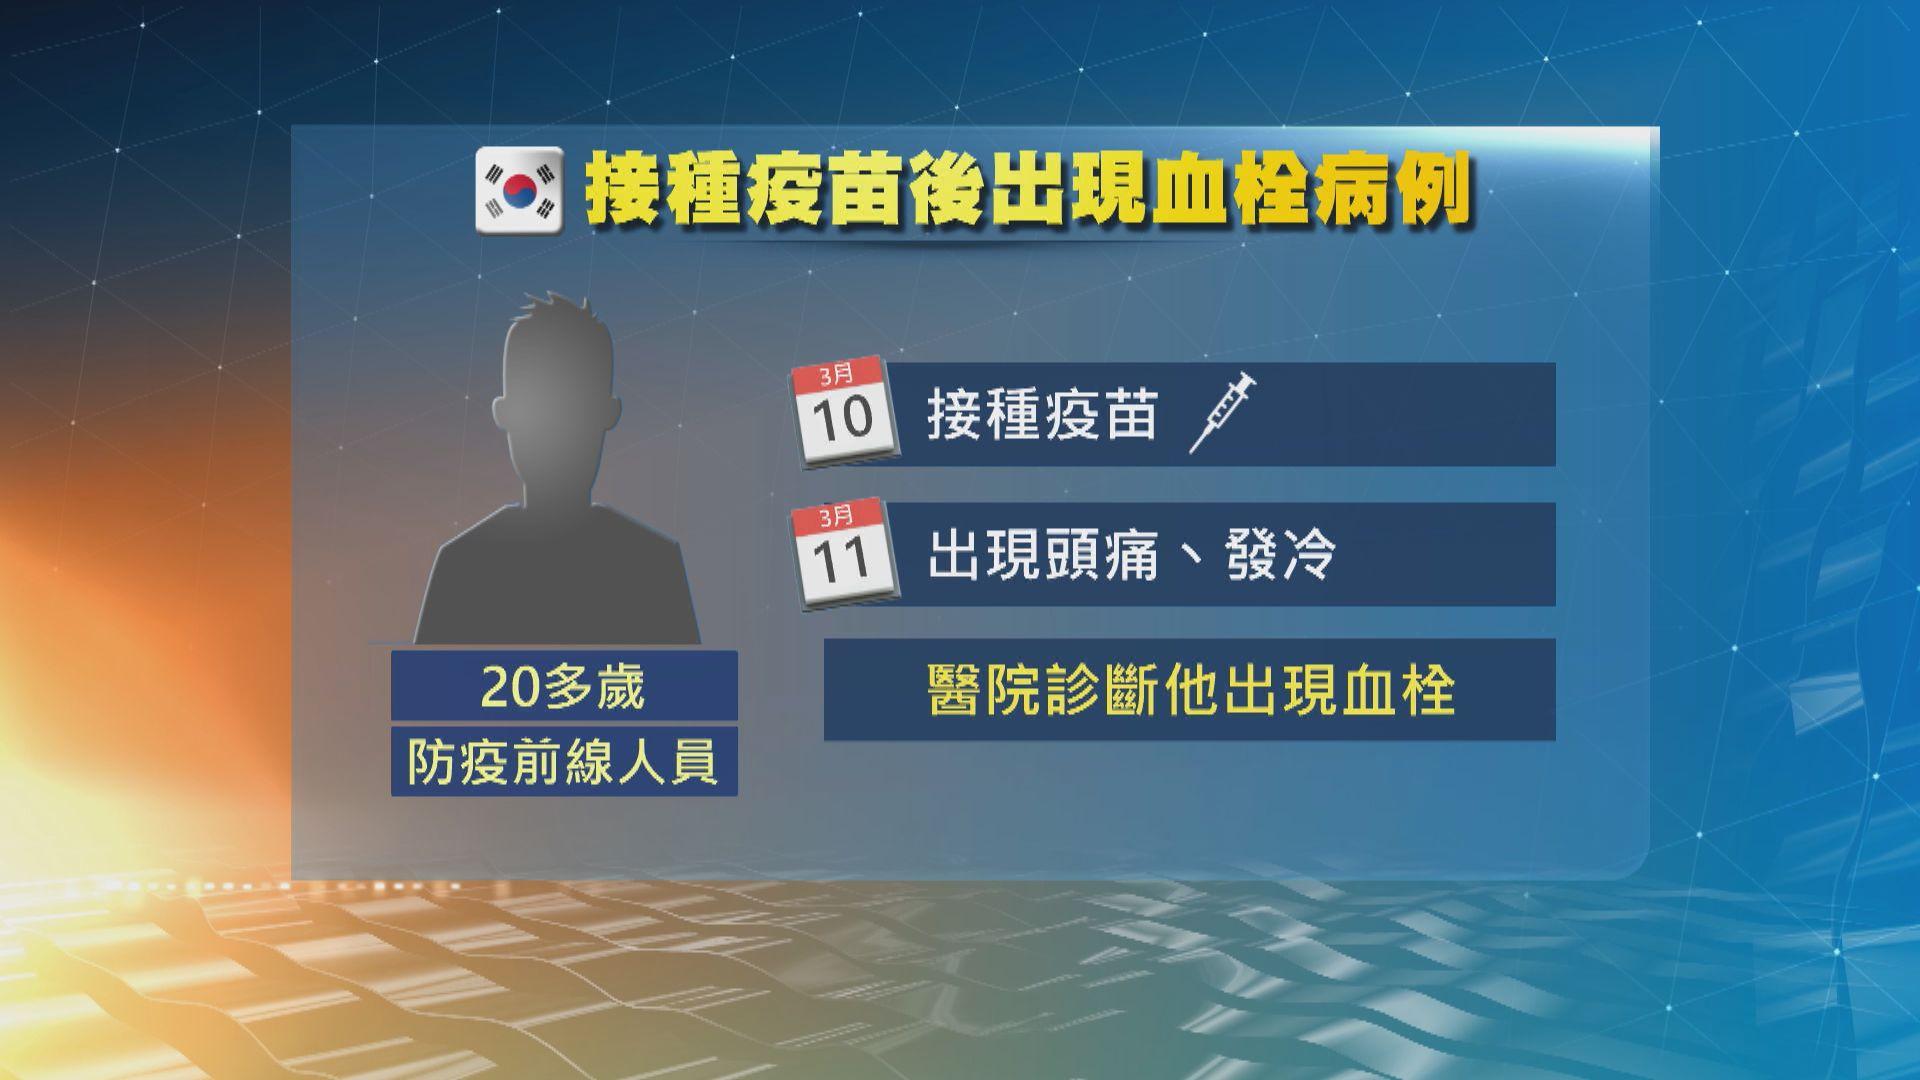 南韓男子接種阿斯利康疫苗後出現血栓 當局調查是否長期病患